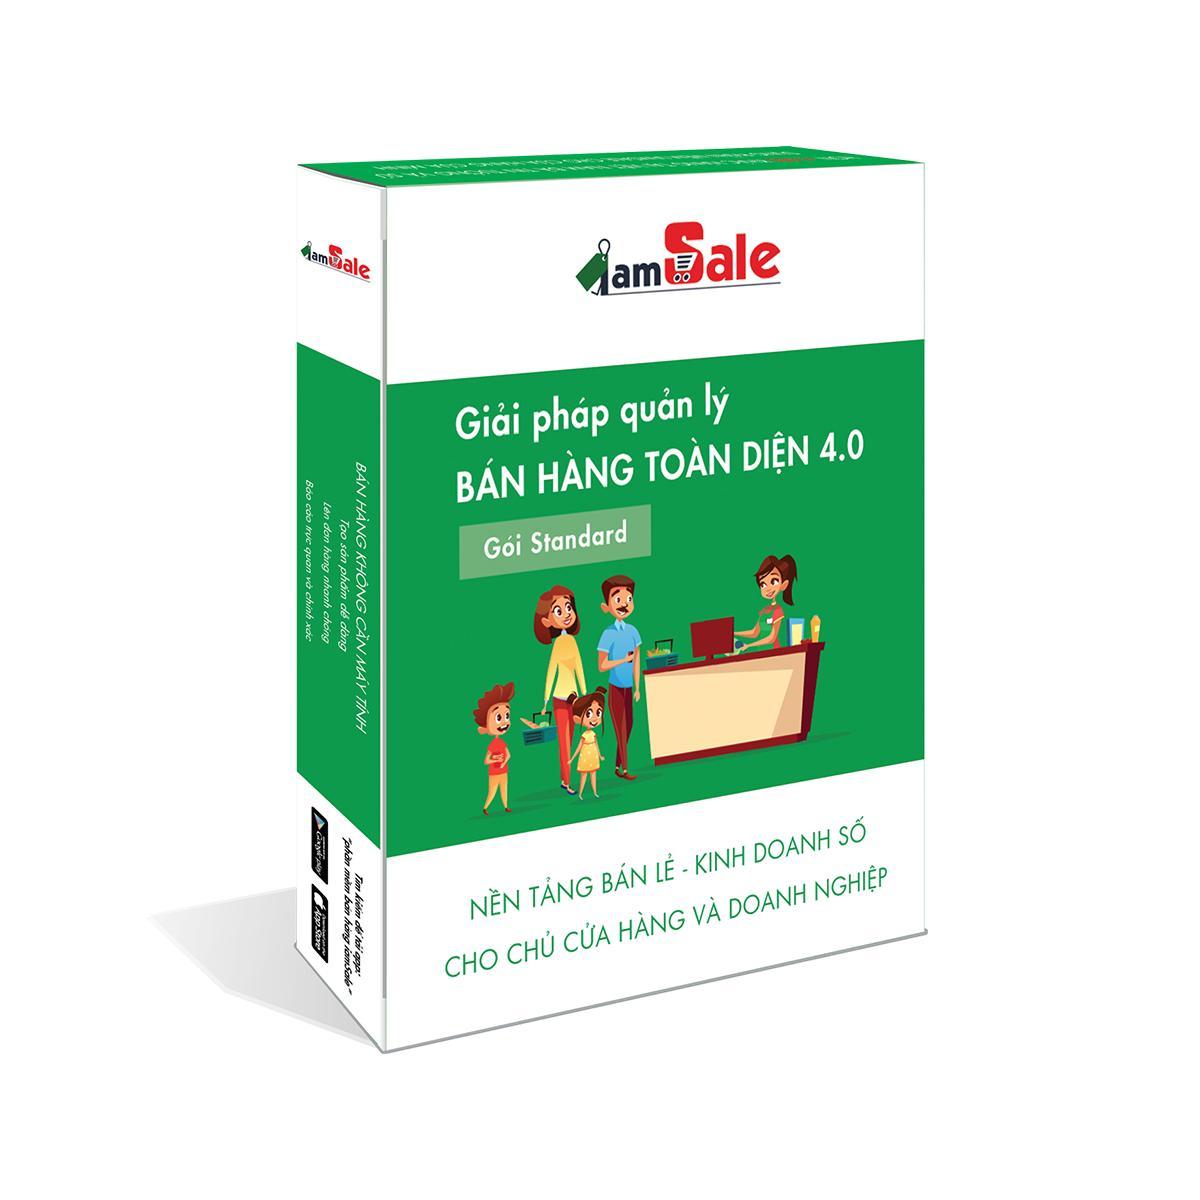 Phần mềm quản lý bán hàng toàn diện iamSale gói Standard 2 năm